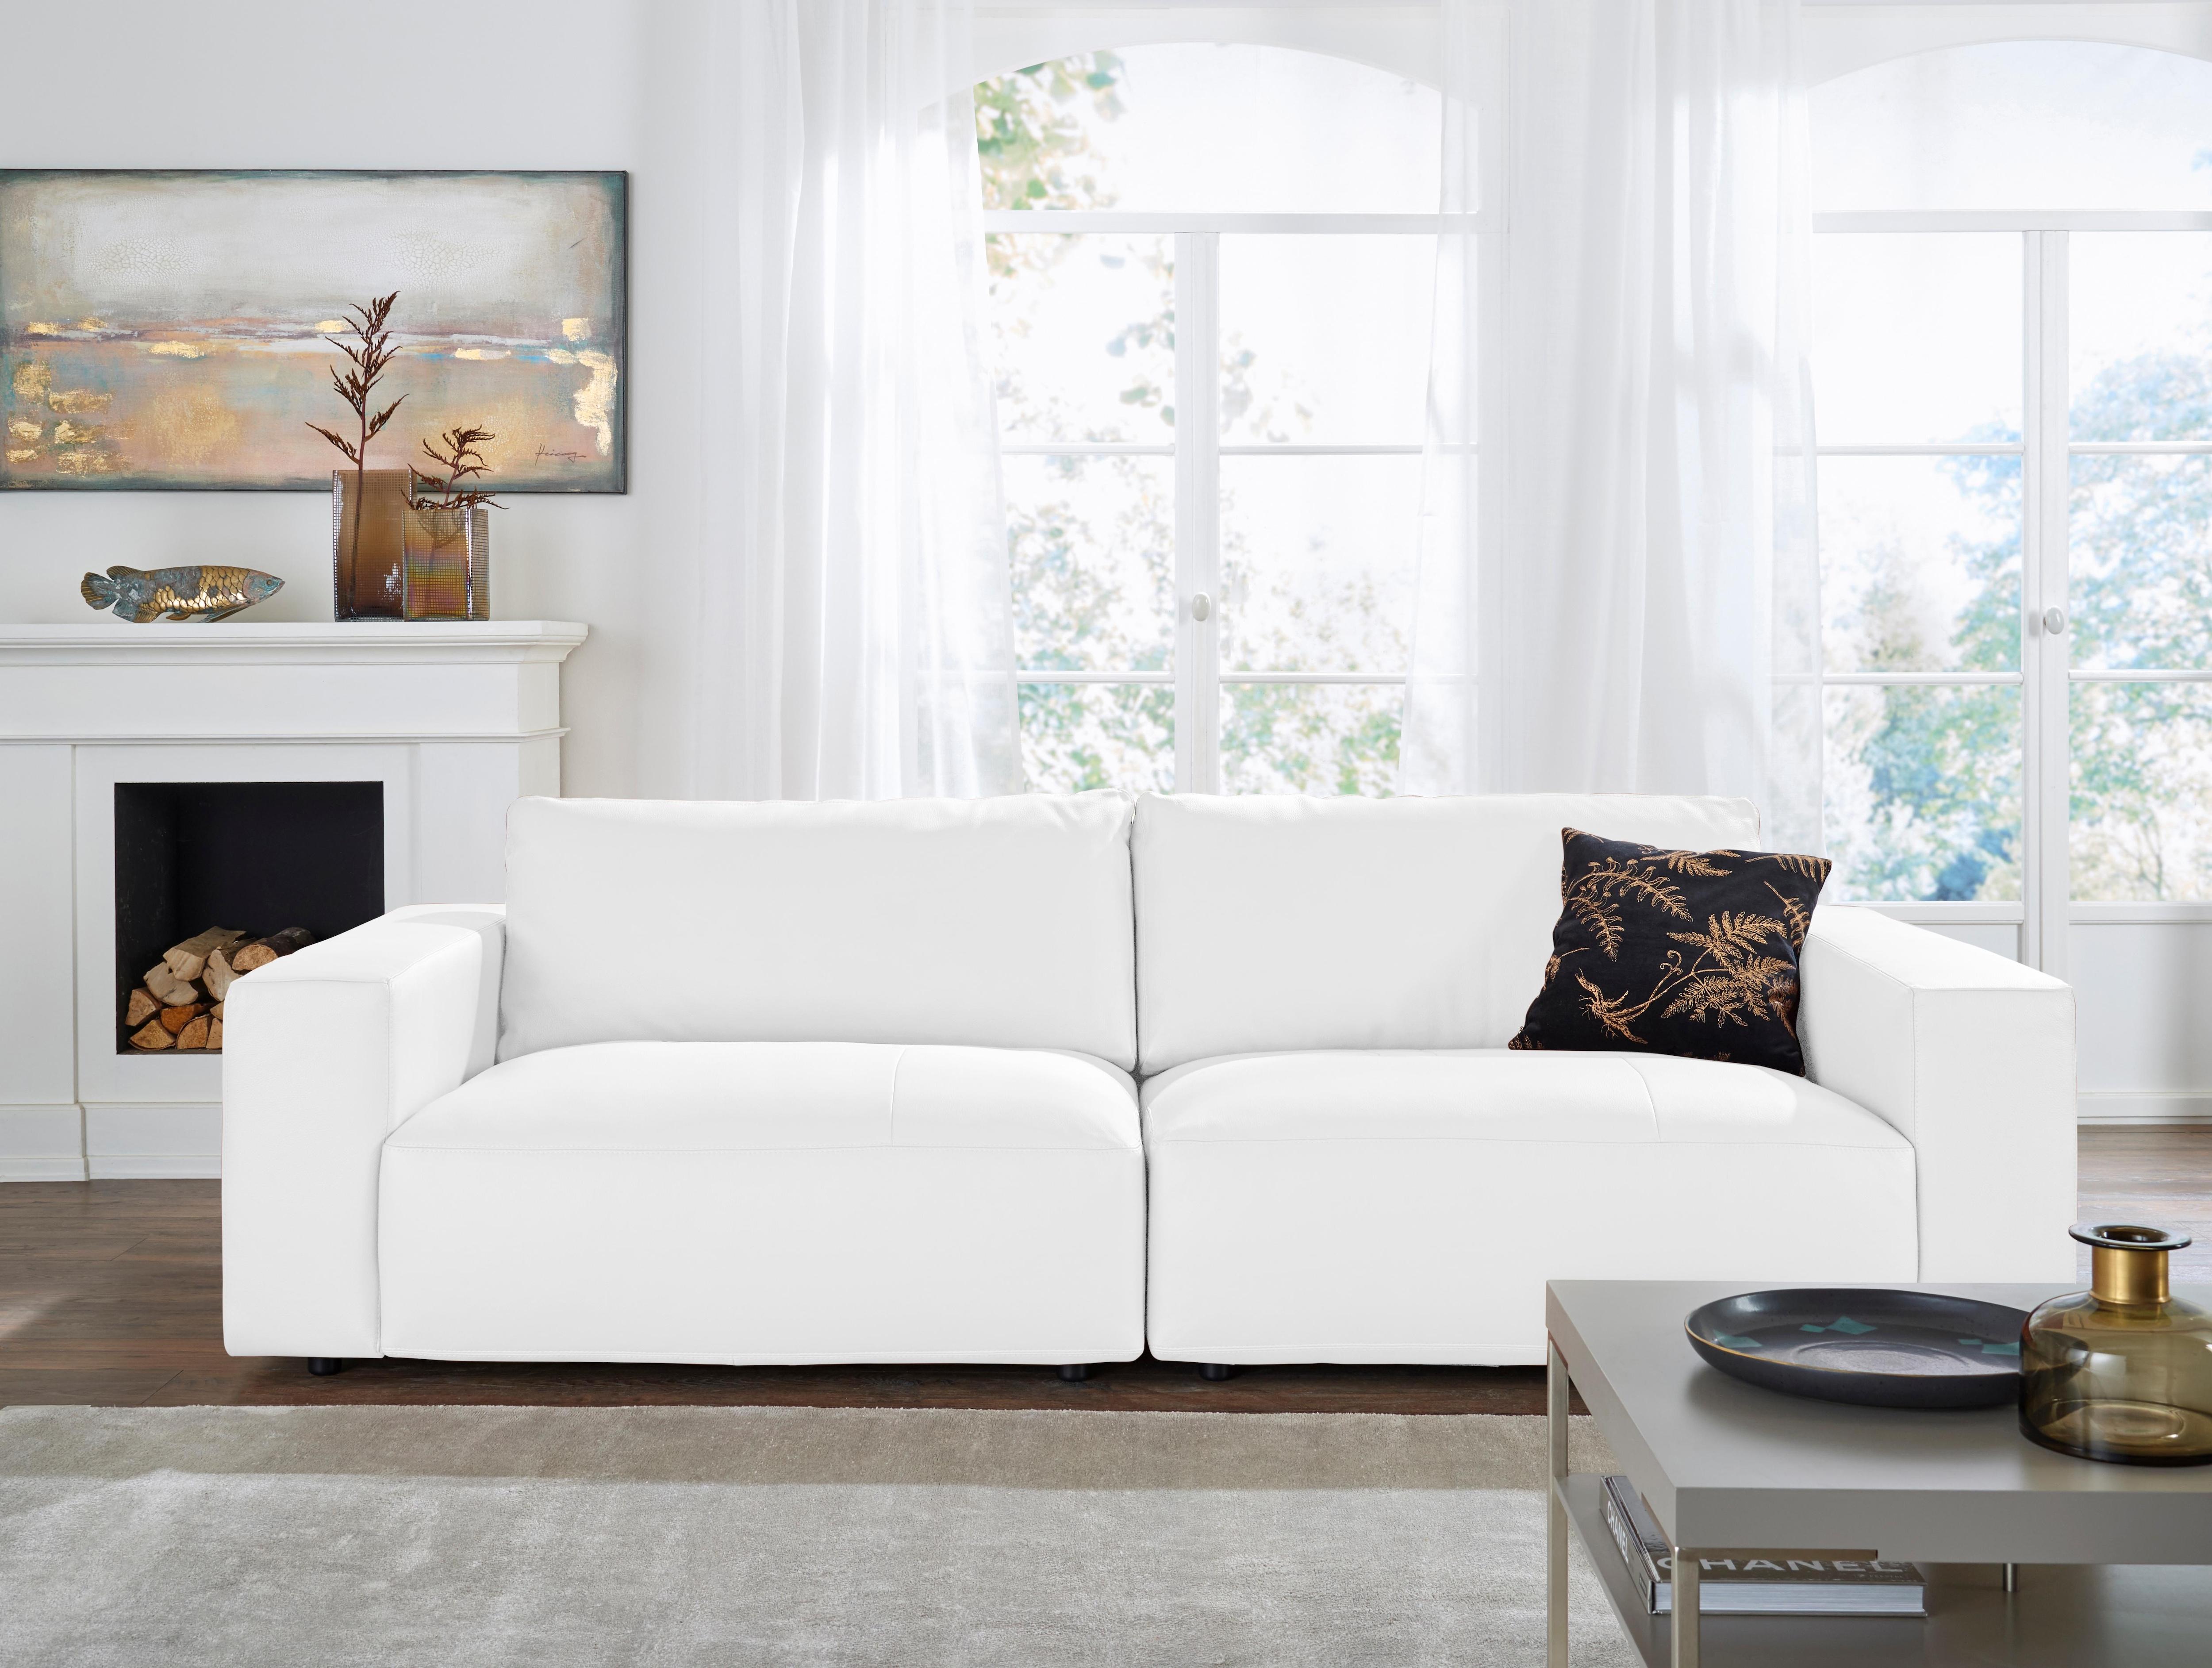 GALLERY M Big-Sofa 3-Sitzer »Lucia« in vielen Qualitäten und 4 unterschiedlichen Nähten | Wohnzimmer > Sofas & Couches > Bigsofas | Microfaser - Leder - Flachgewebe - Baumwolle | GALLERY M